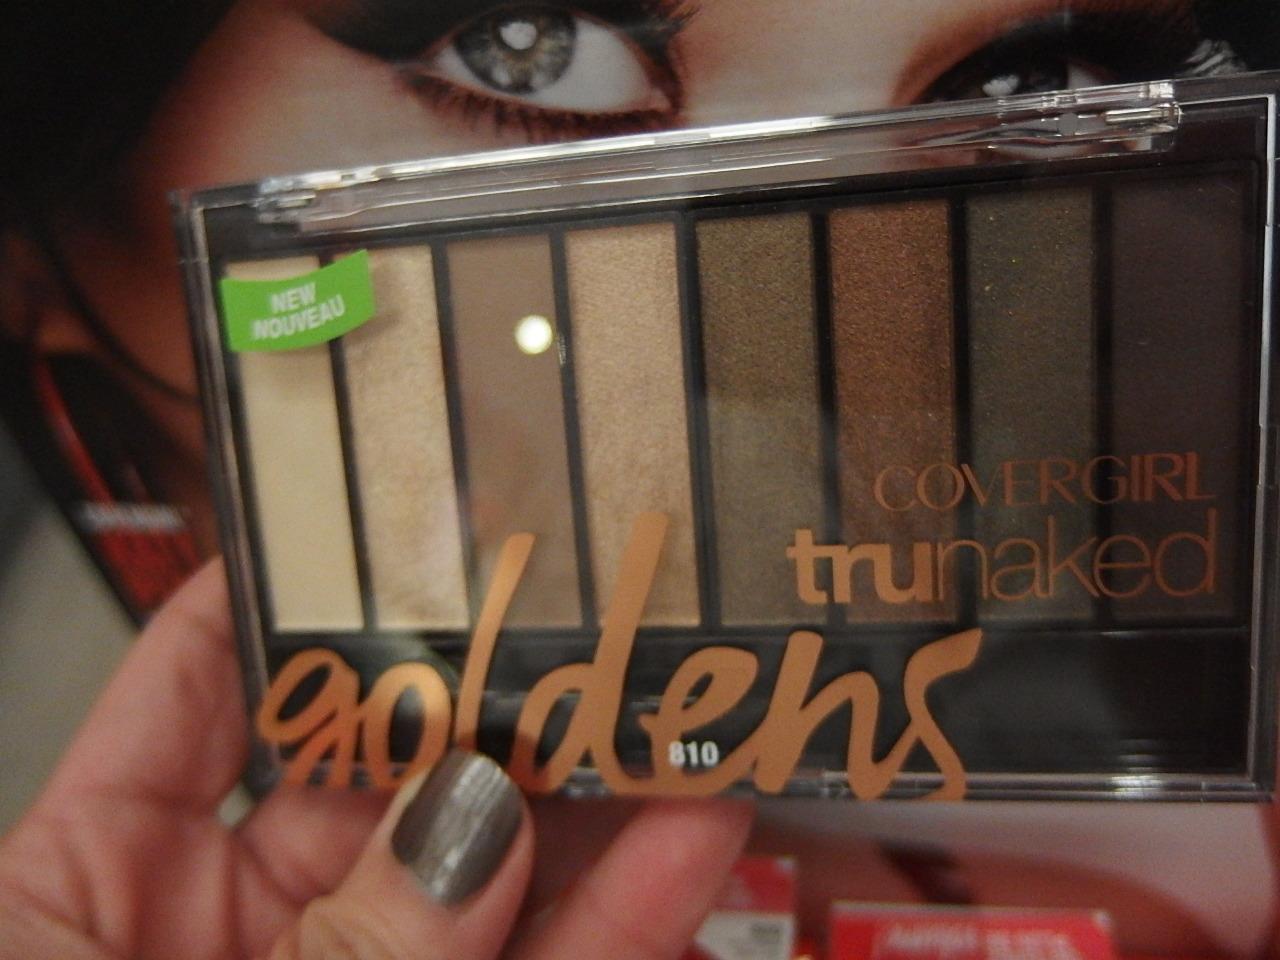 covergirl goldens